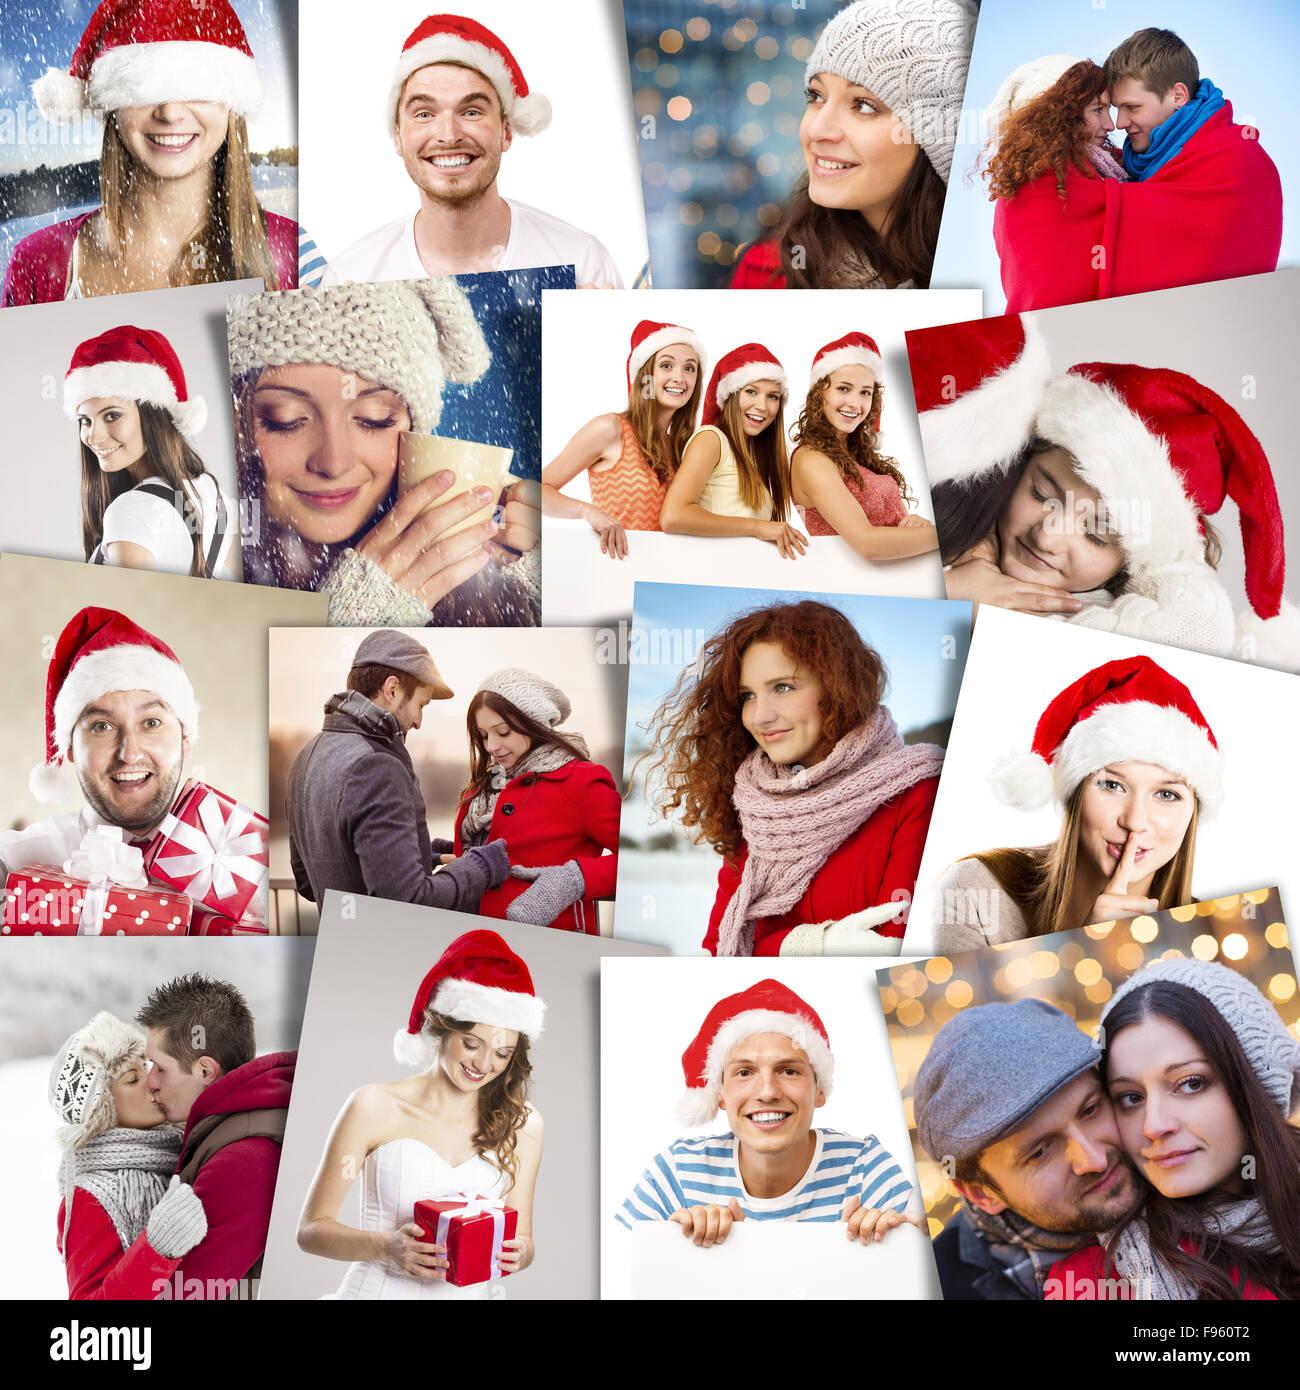 Gente Feliz En Navidad.Collage De Gente Feliz En Santa Sombreros Celebrando La